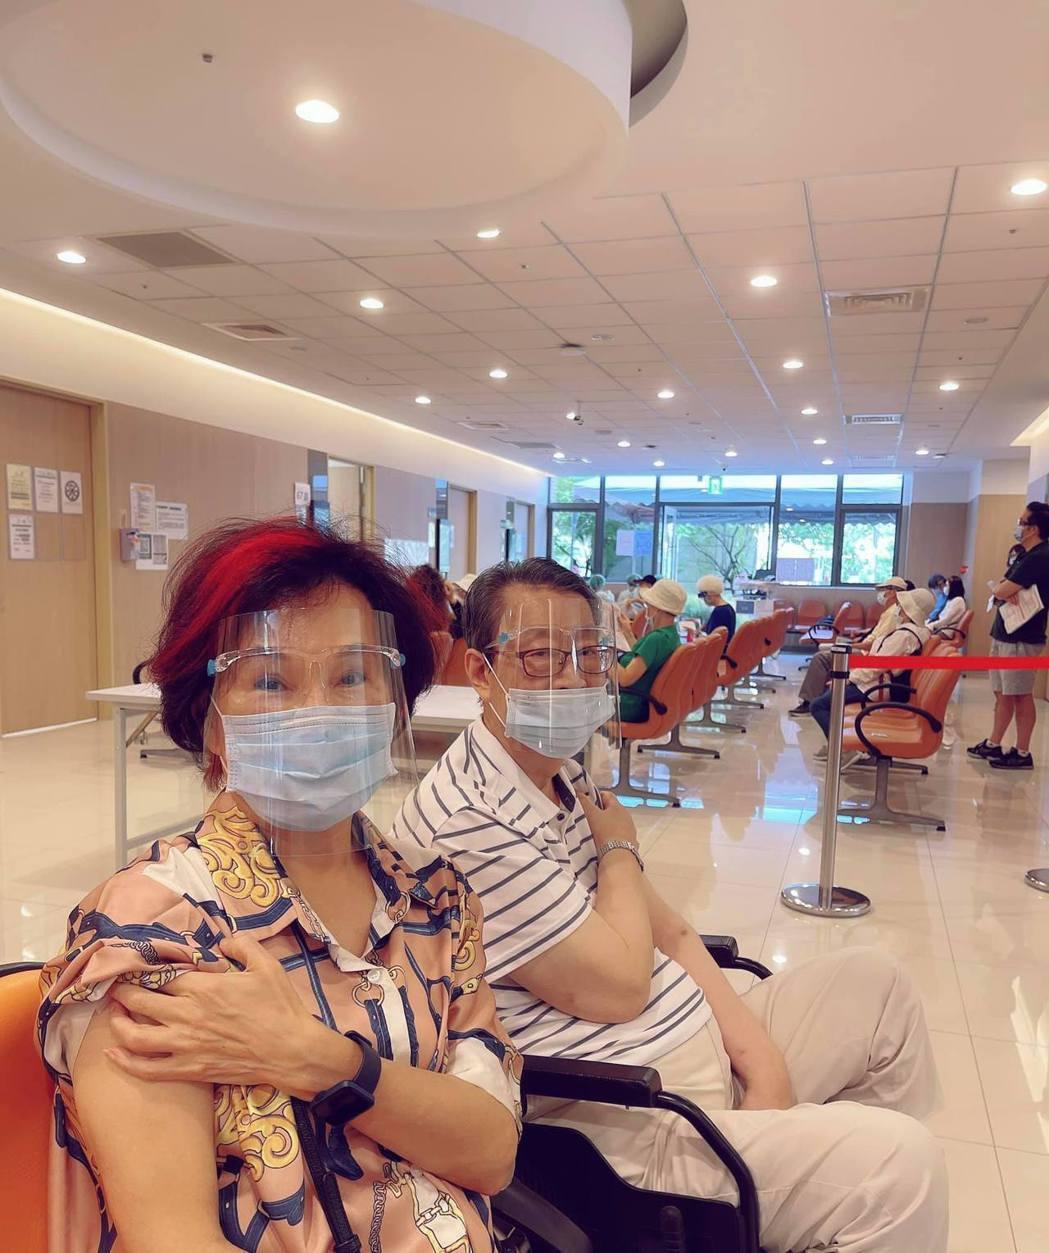 胡錦(左)和顧安生今天去打了莫德納疫苗。圖/摘自臉書